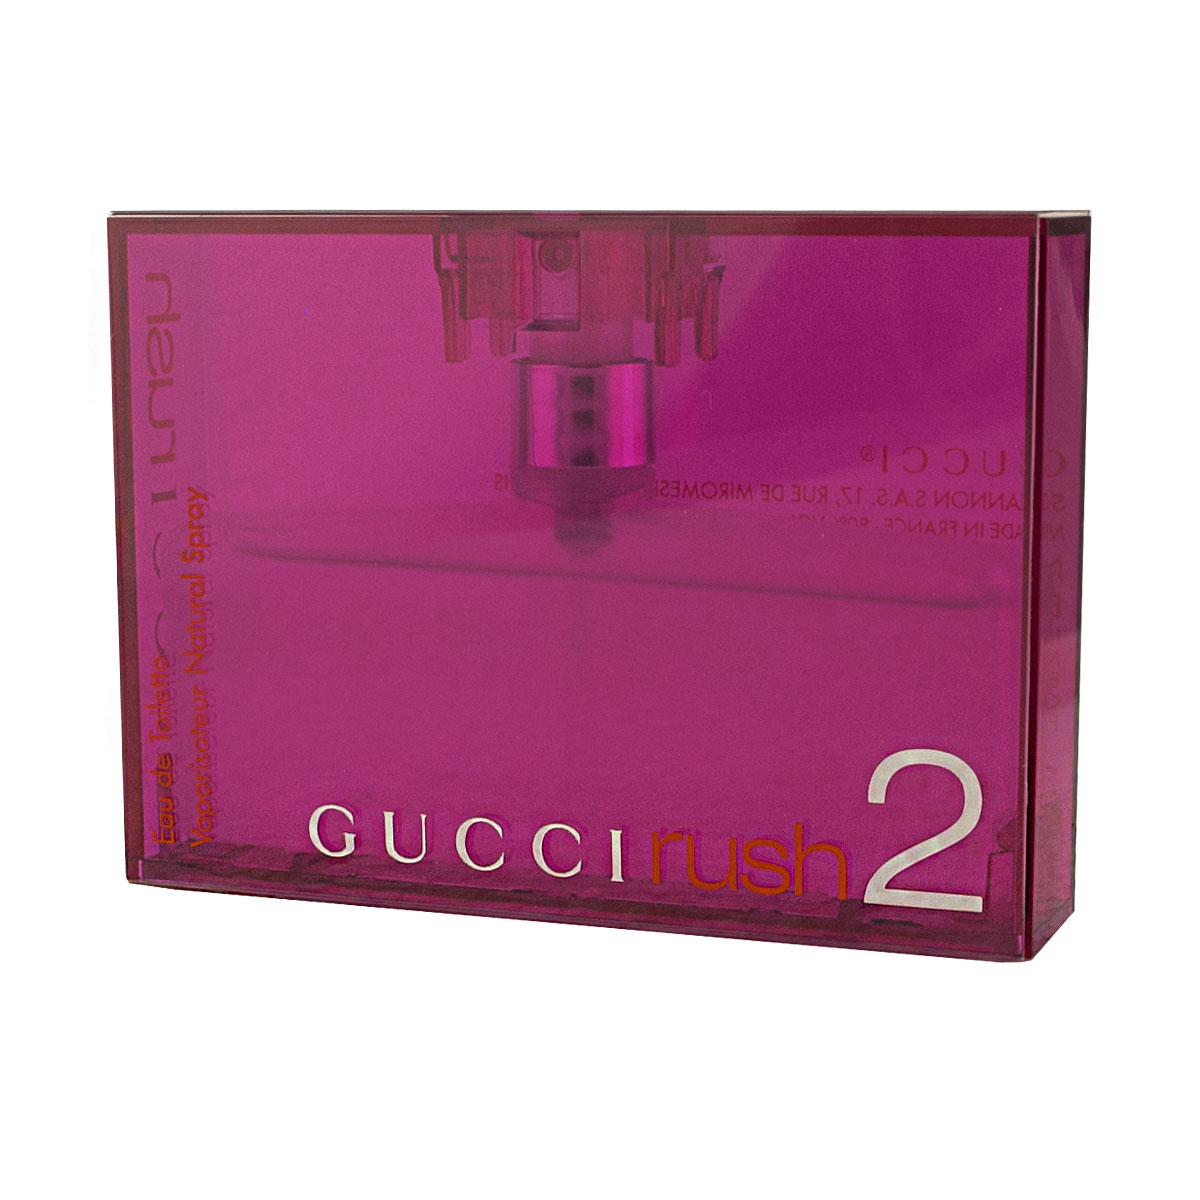 Gucci Rush 2 EDT 30 ml W